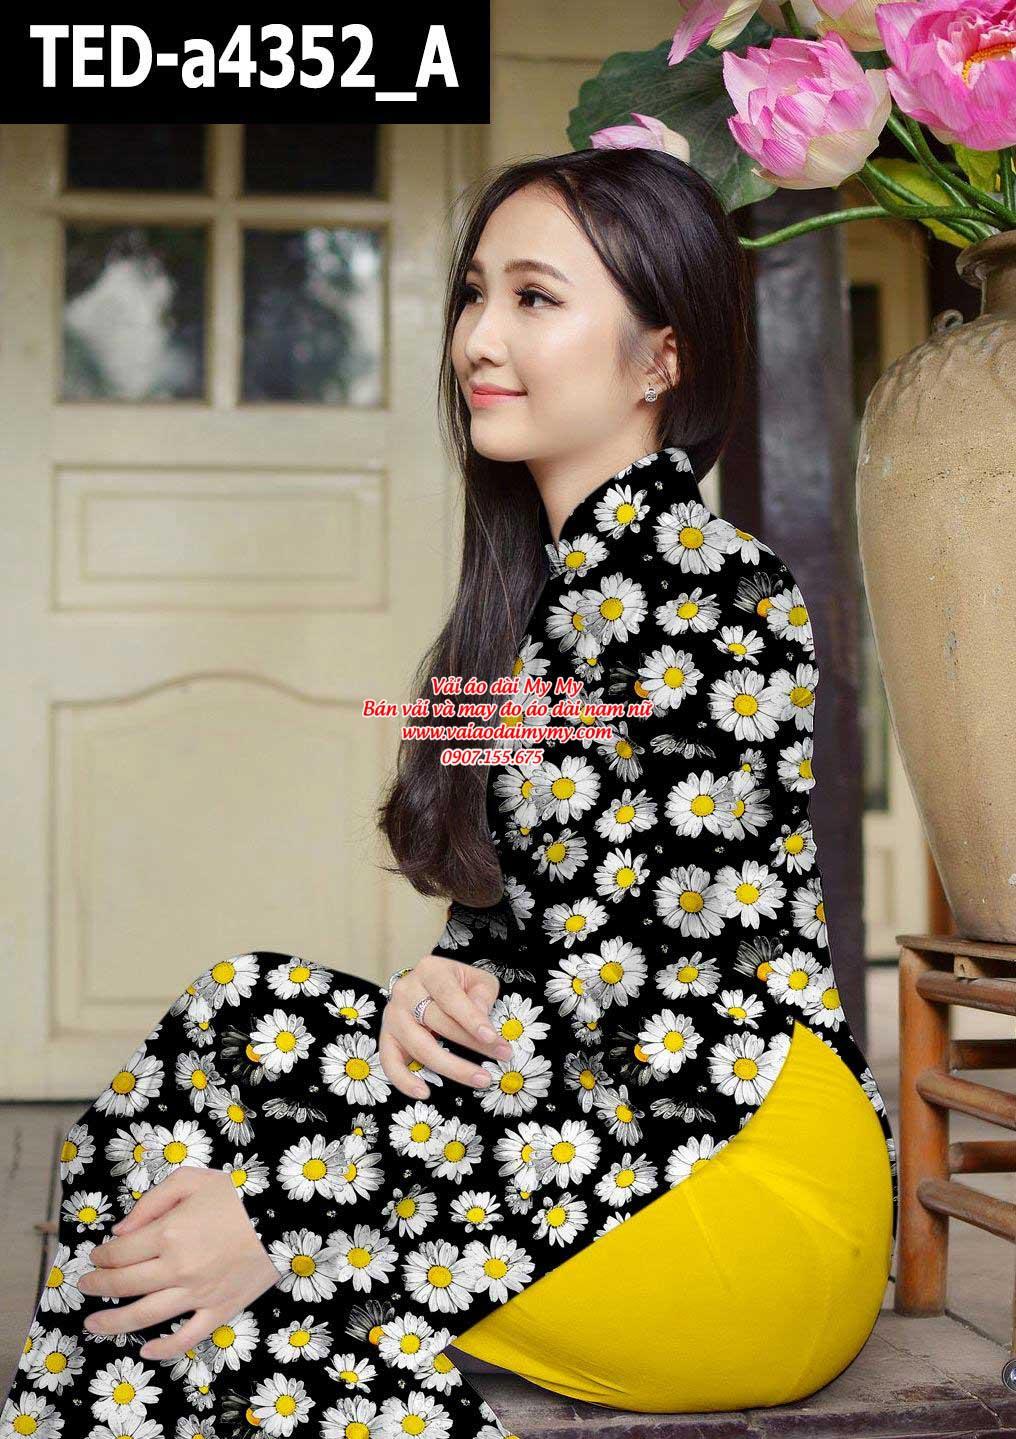 Vải áo dài hoa cúc đều AD TED a4352 1